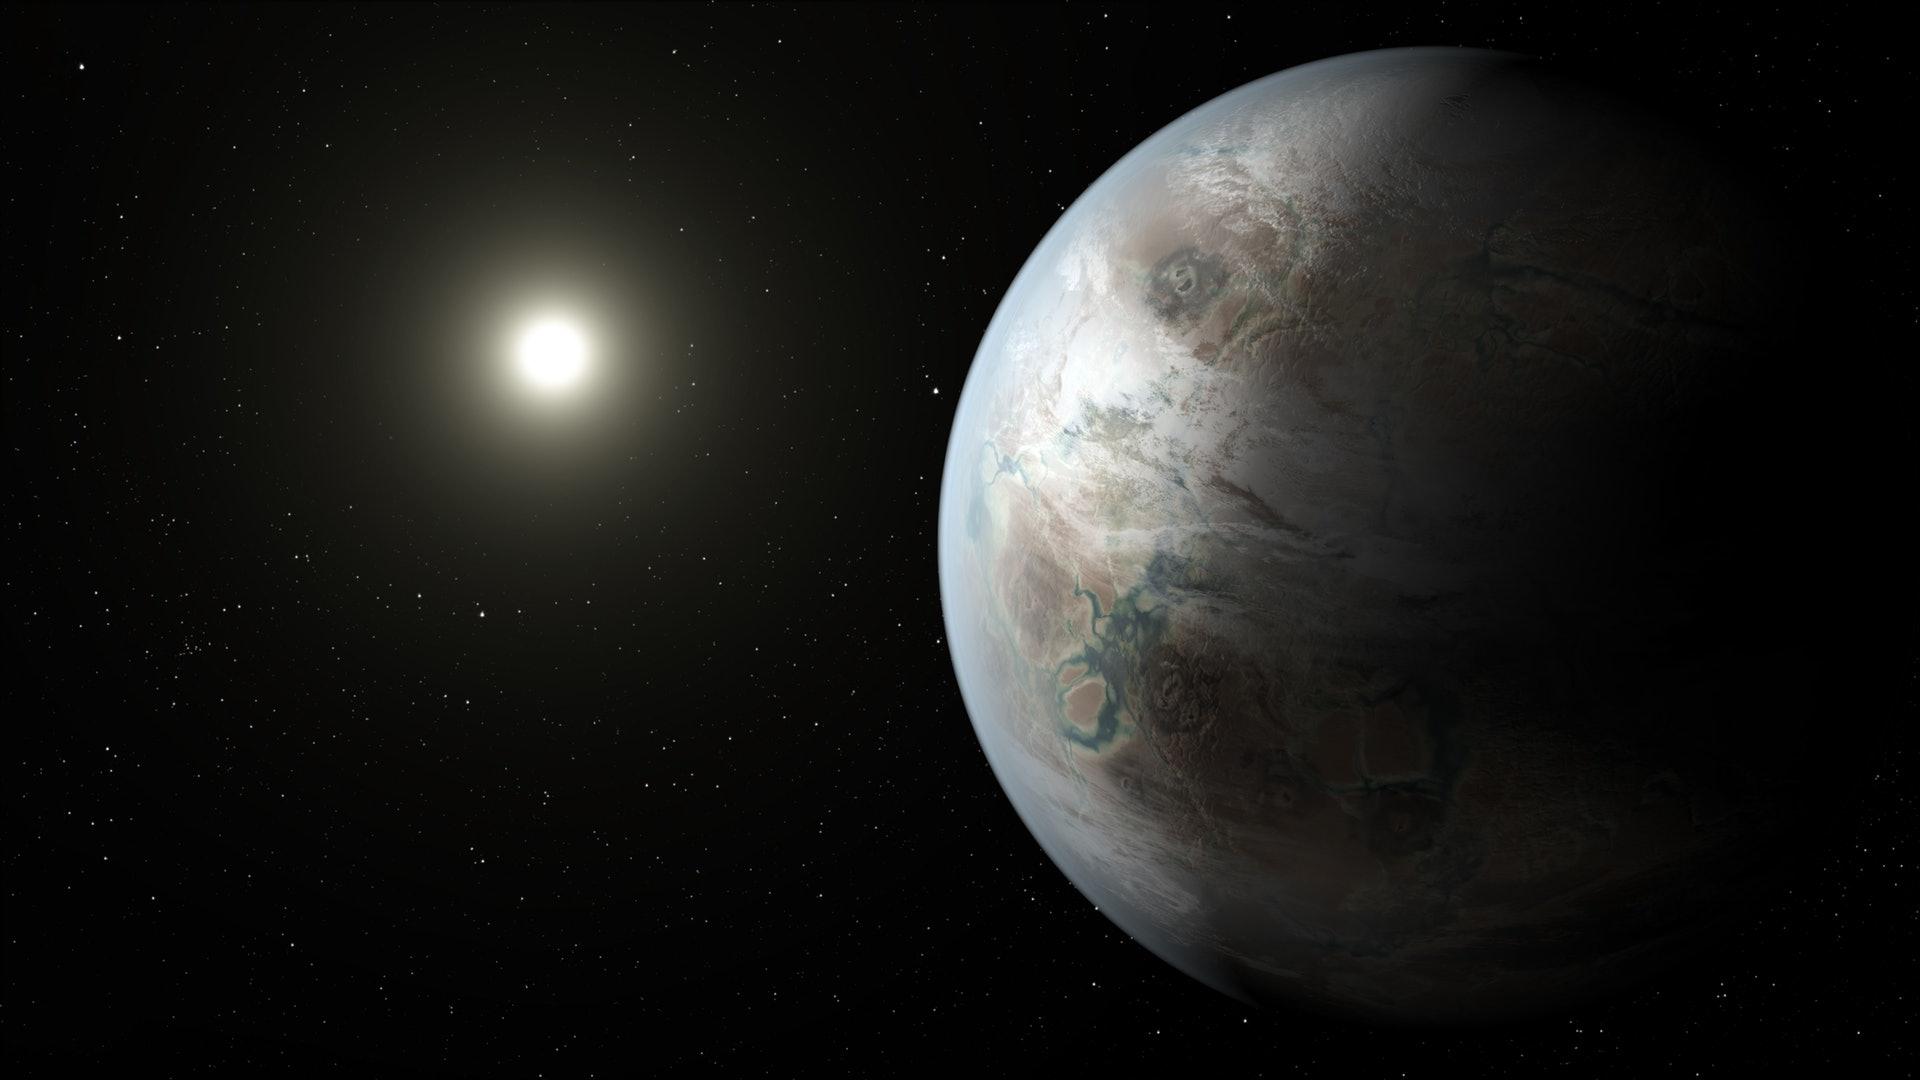 開普勒452-b被譽為最近似地球的星體,但它位於距地太陽系1400光年的地方,以現有太空船的速度需要2600年才能到達。圖為畫家筆下的開普勒452-b。(美聯社)